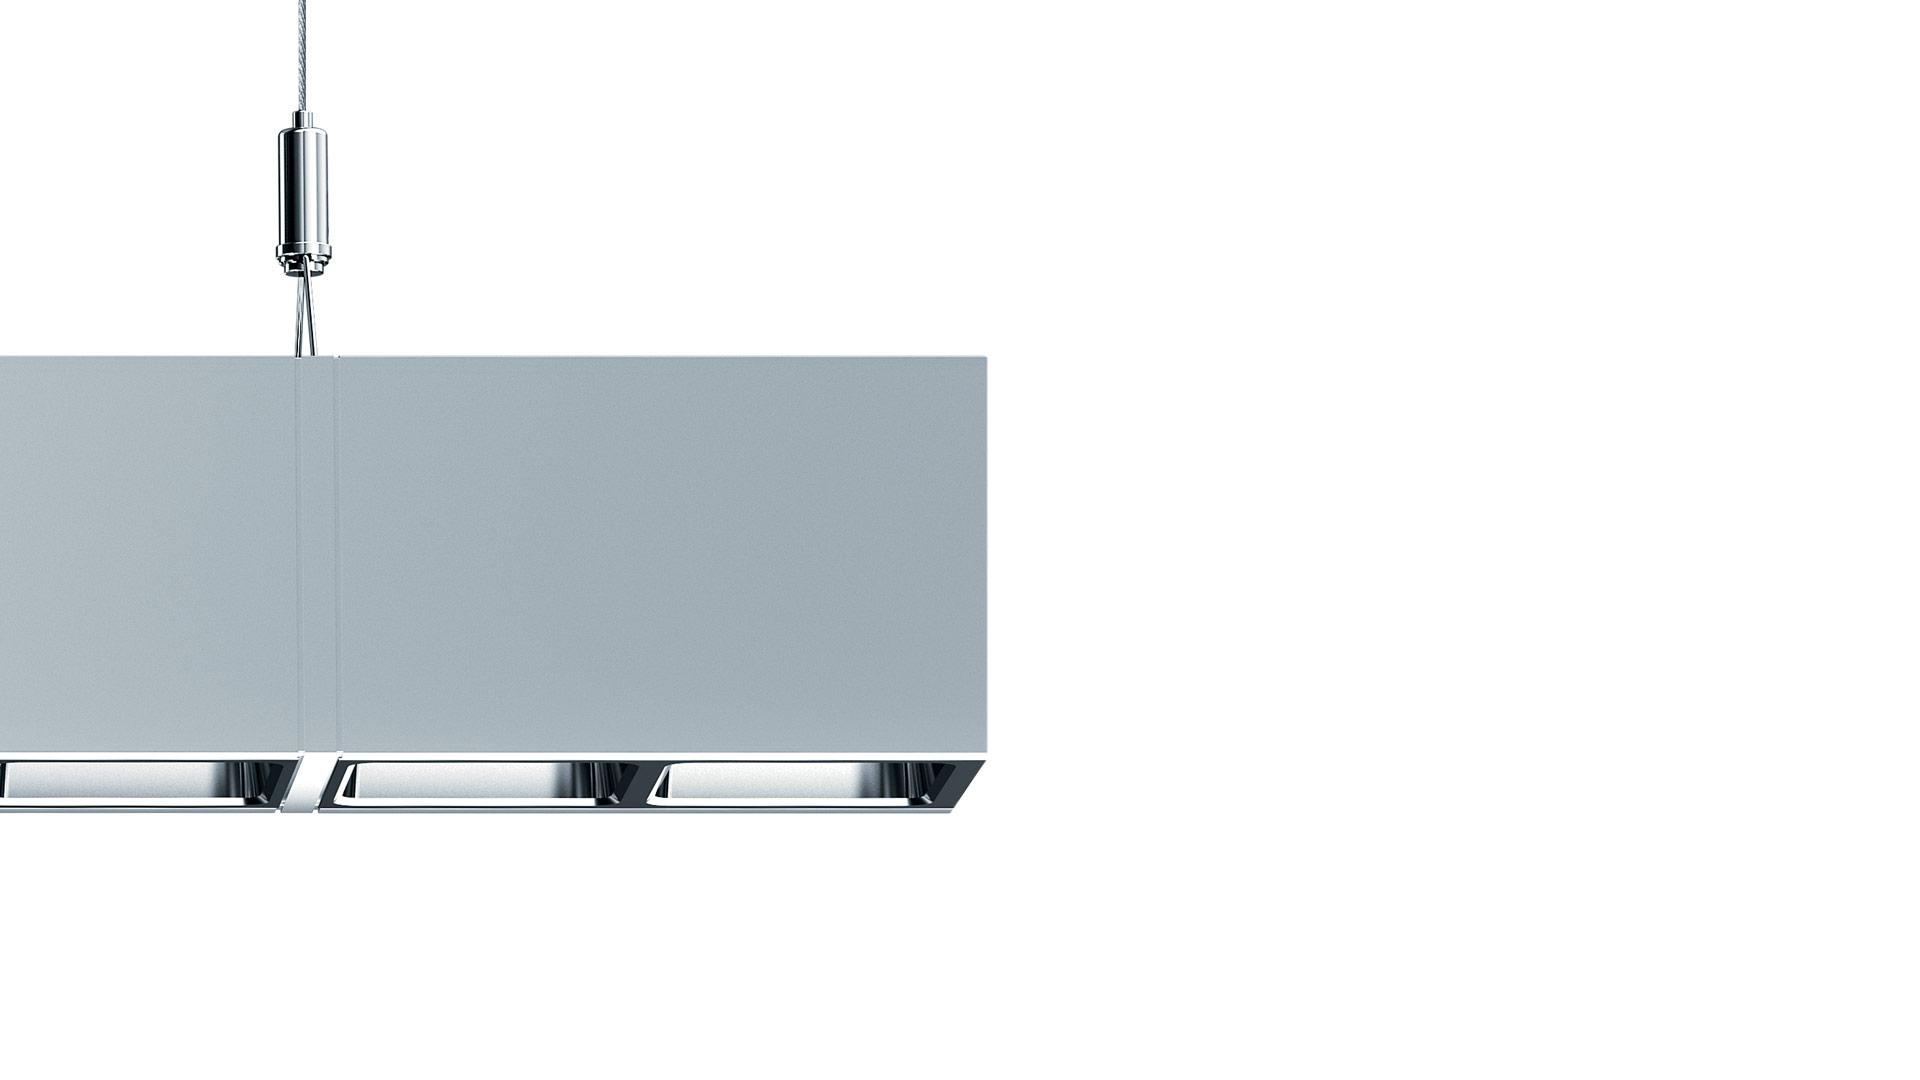 LINCOR Indirect Direct LED Pendant Luminaire